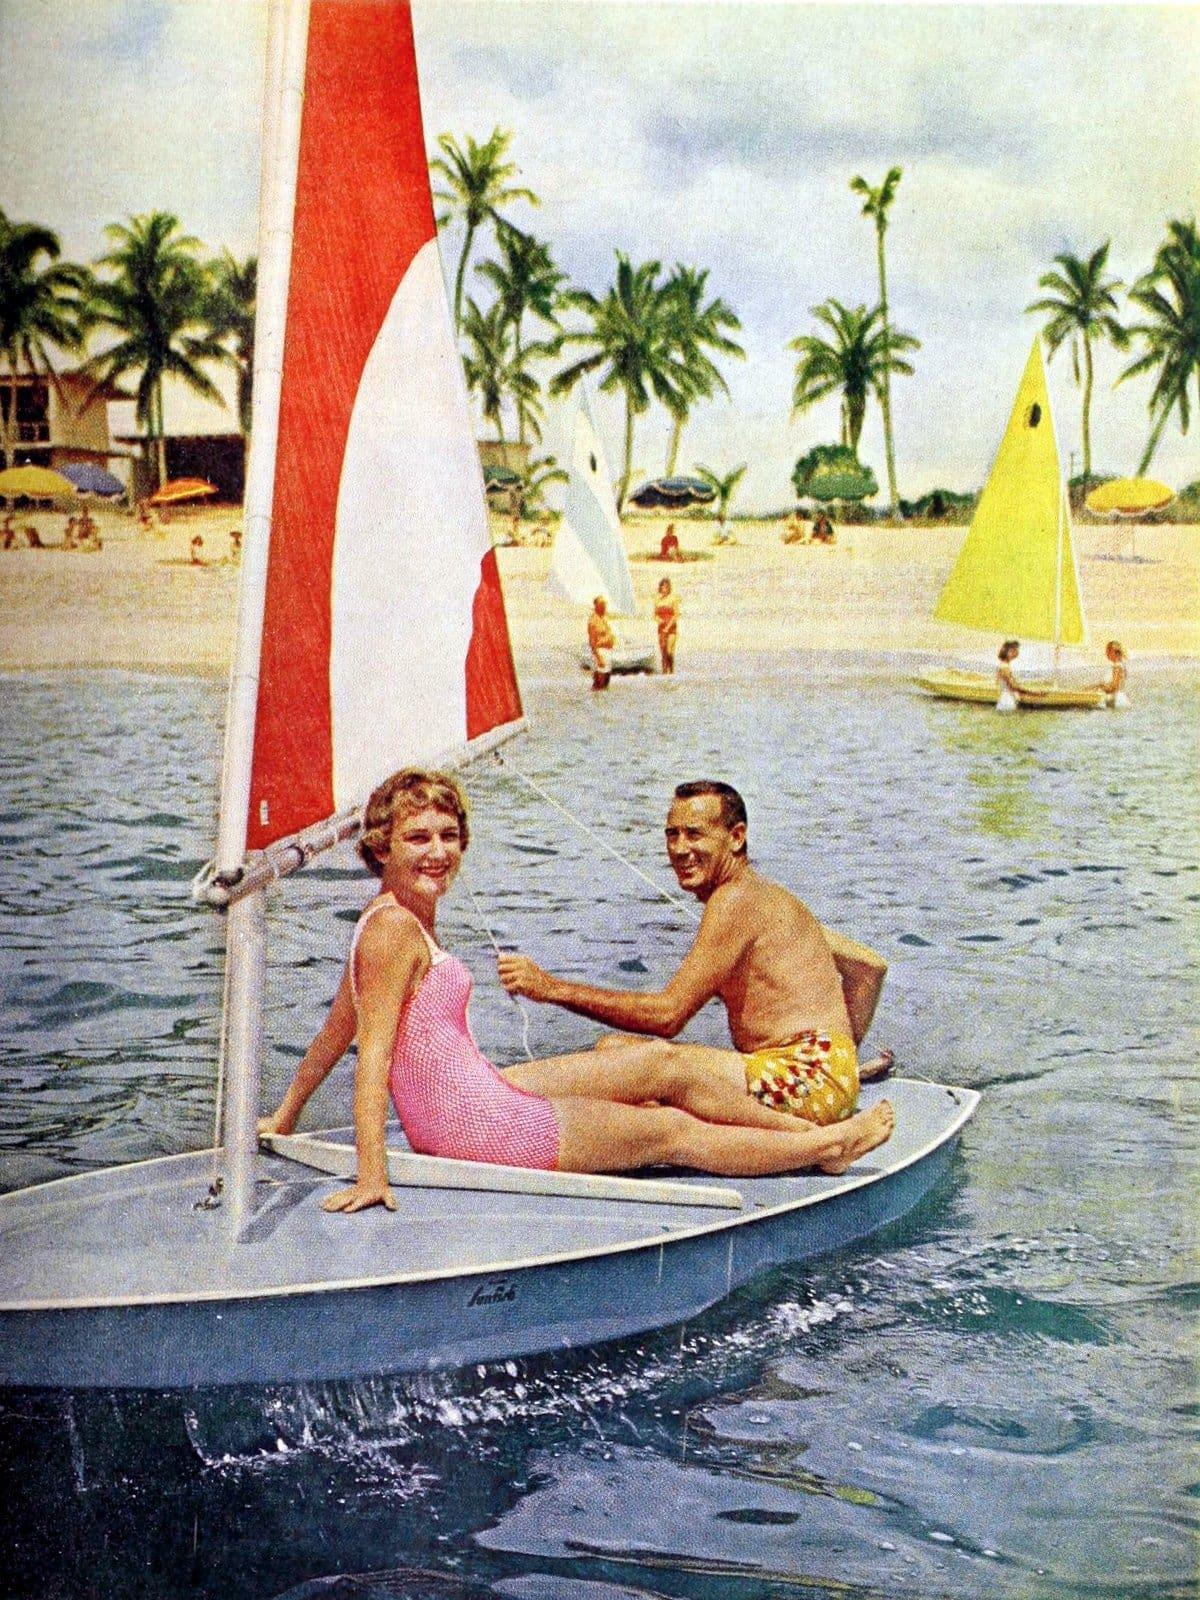 Vintage Florida's middle east coast (1961)